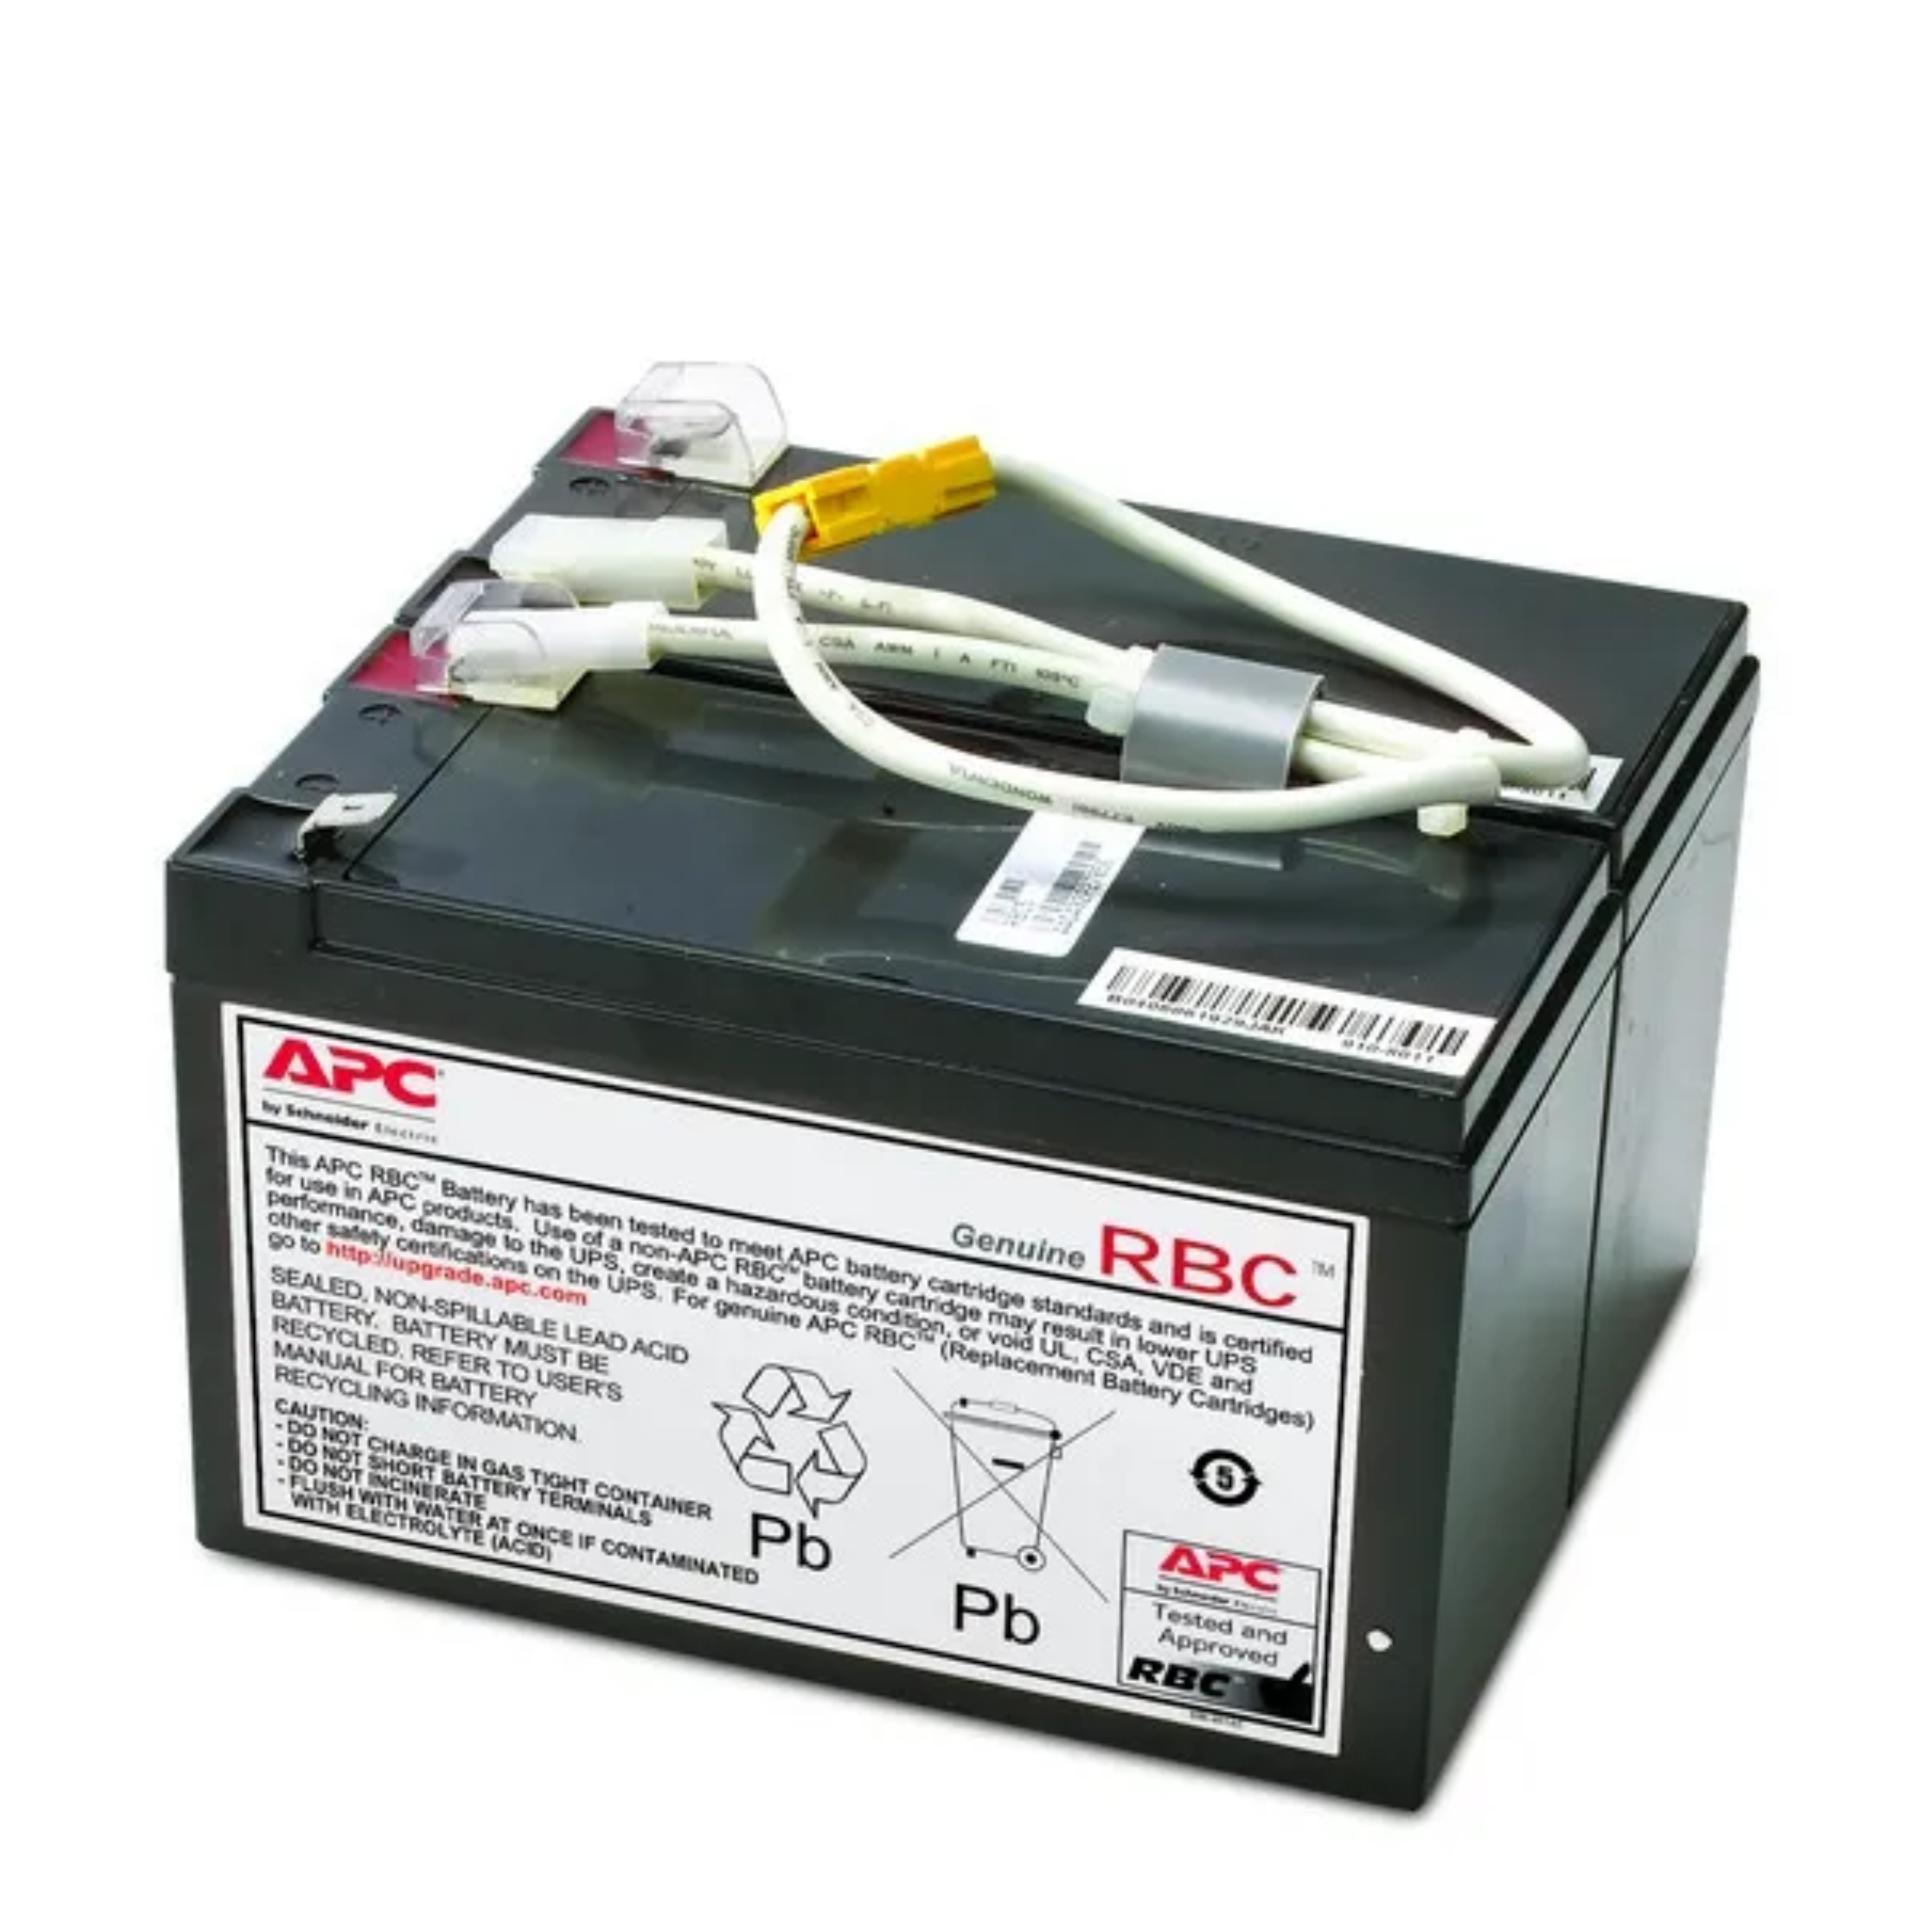 APC - Schneider Repl Battery Cartidge Apcrbc109